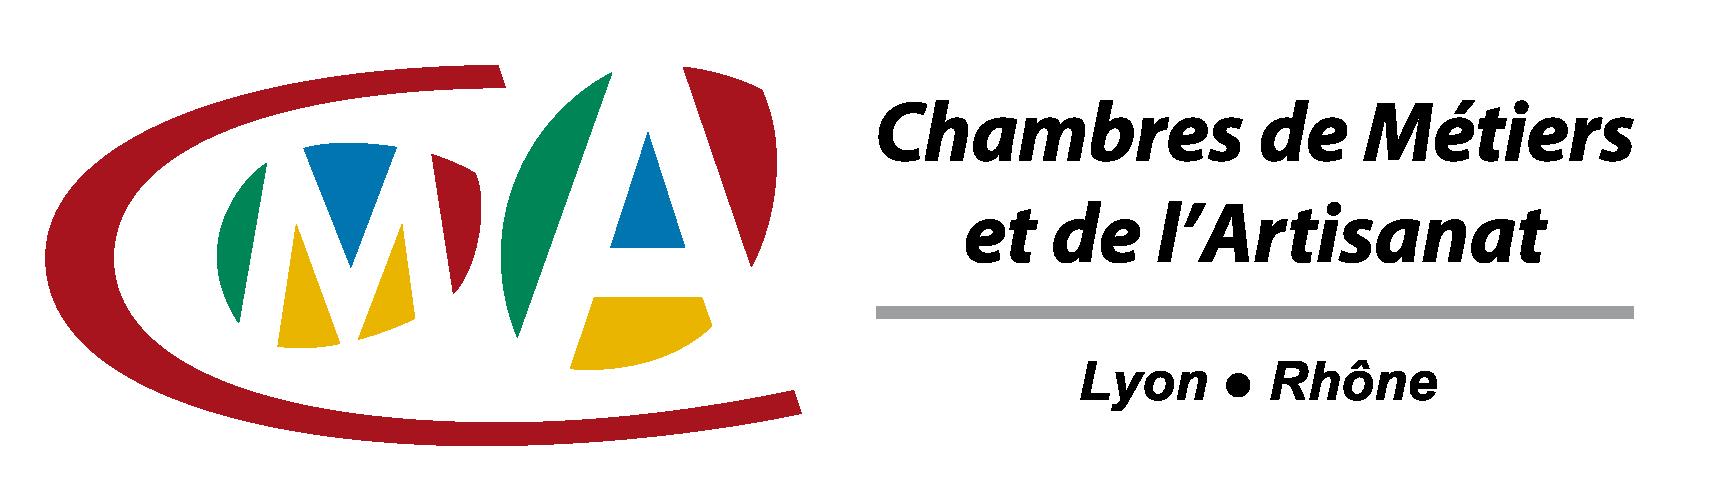 chambre métiers et artisanat - Artisanat et commerce equitable